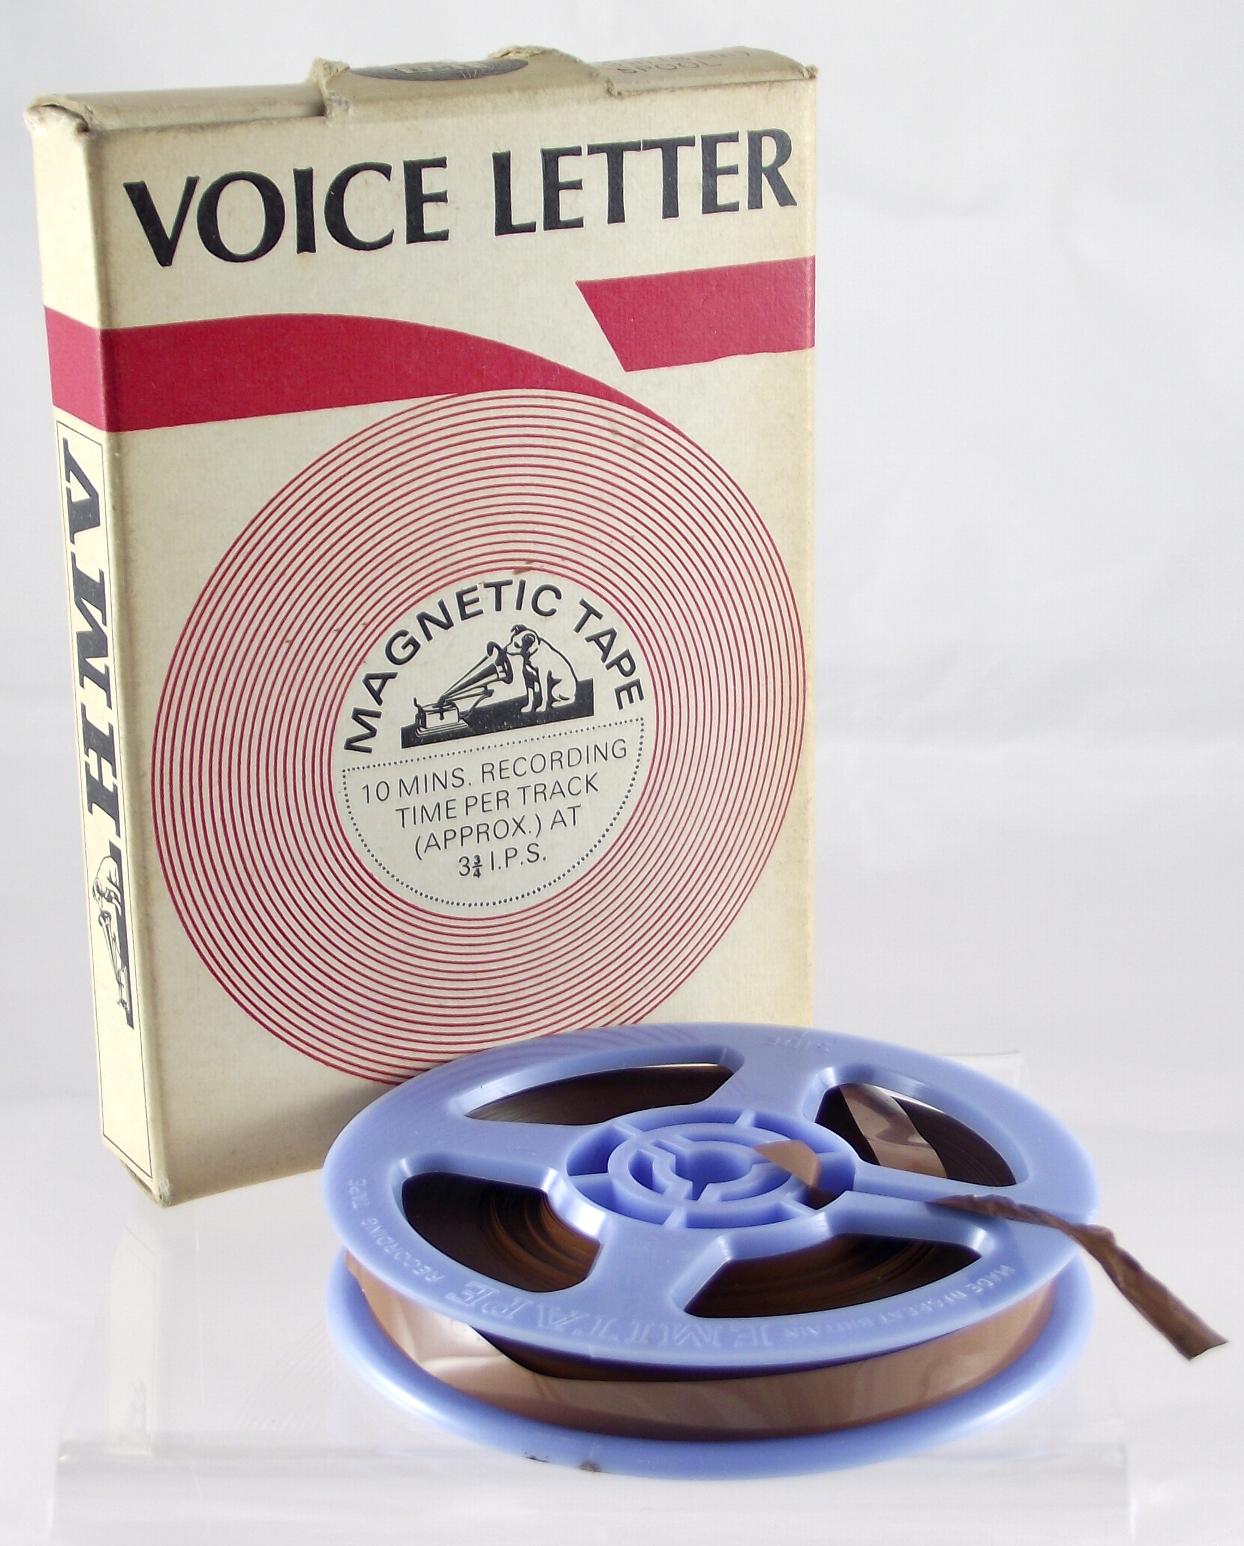 EMI Voice Letter